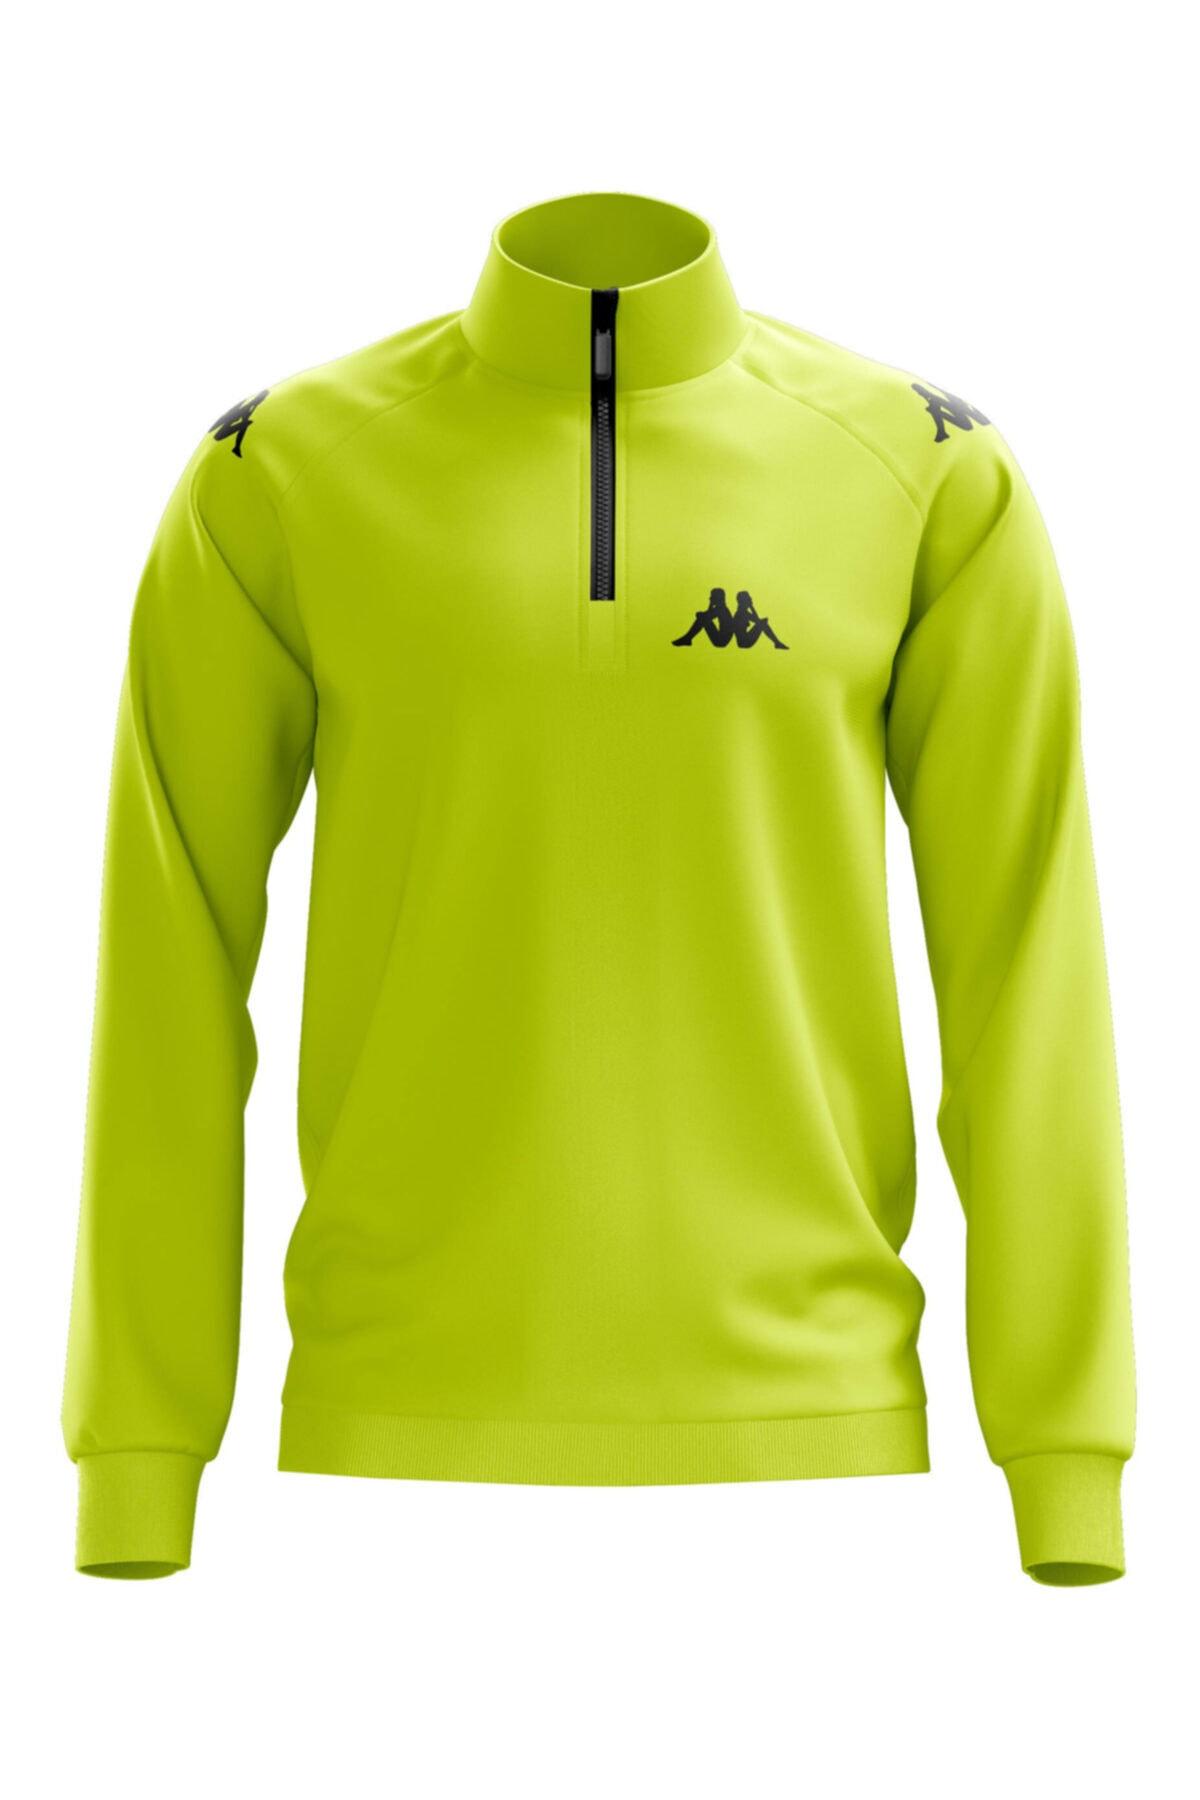 Kappa Erkek Neon Sarı Ceket 1